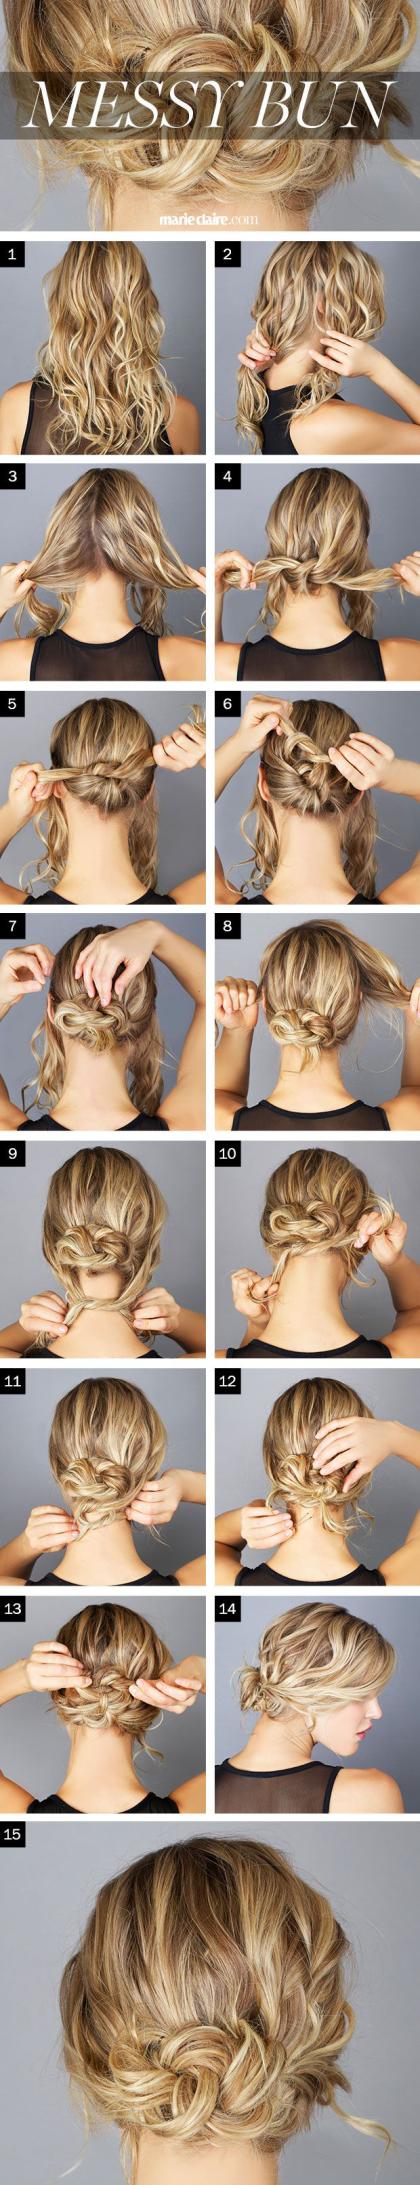 Si como invitada a una boda y necesitás un peinado que podás hacerte vos misma, seguí los sencillos pasos de este tutorial y te verás hermosa en pocos minutos